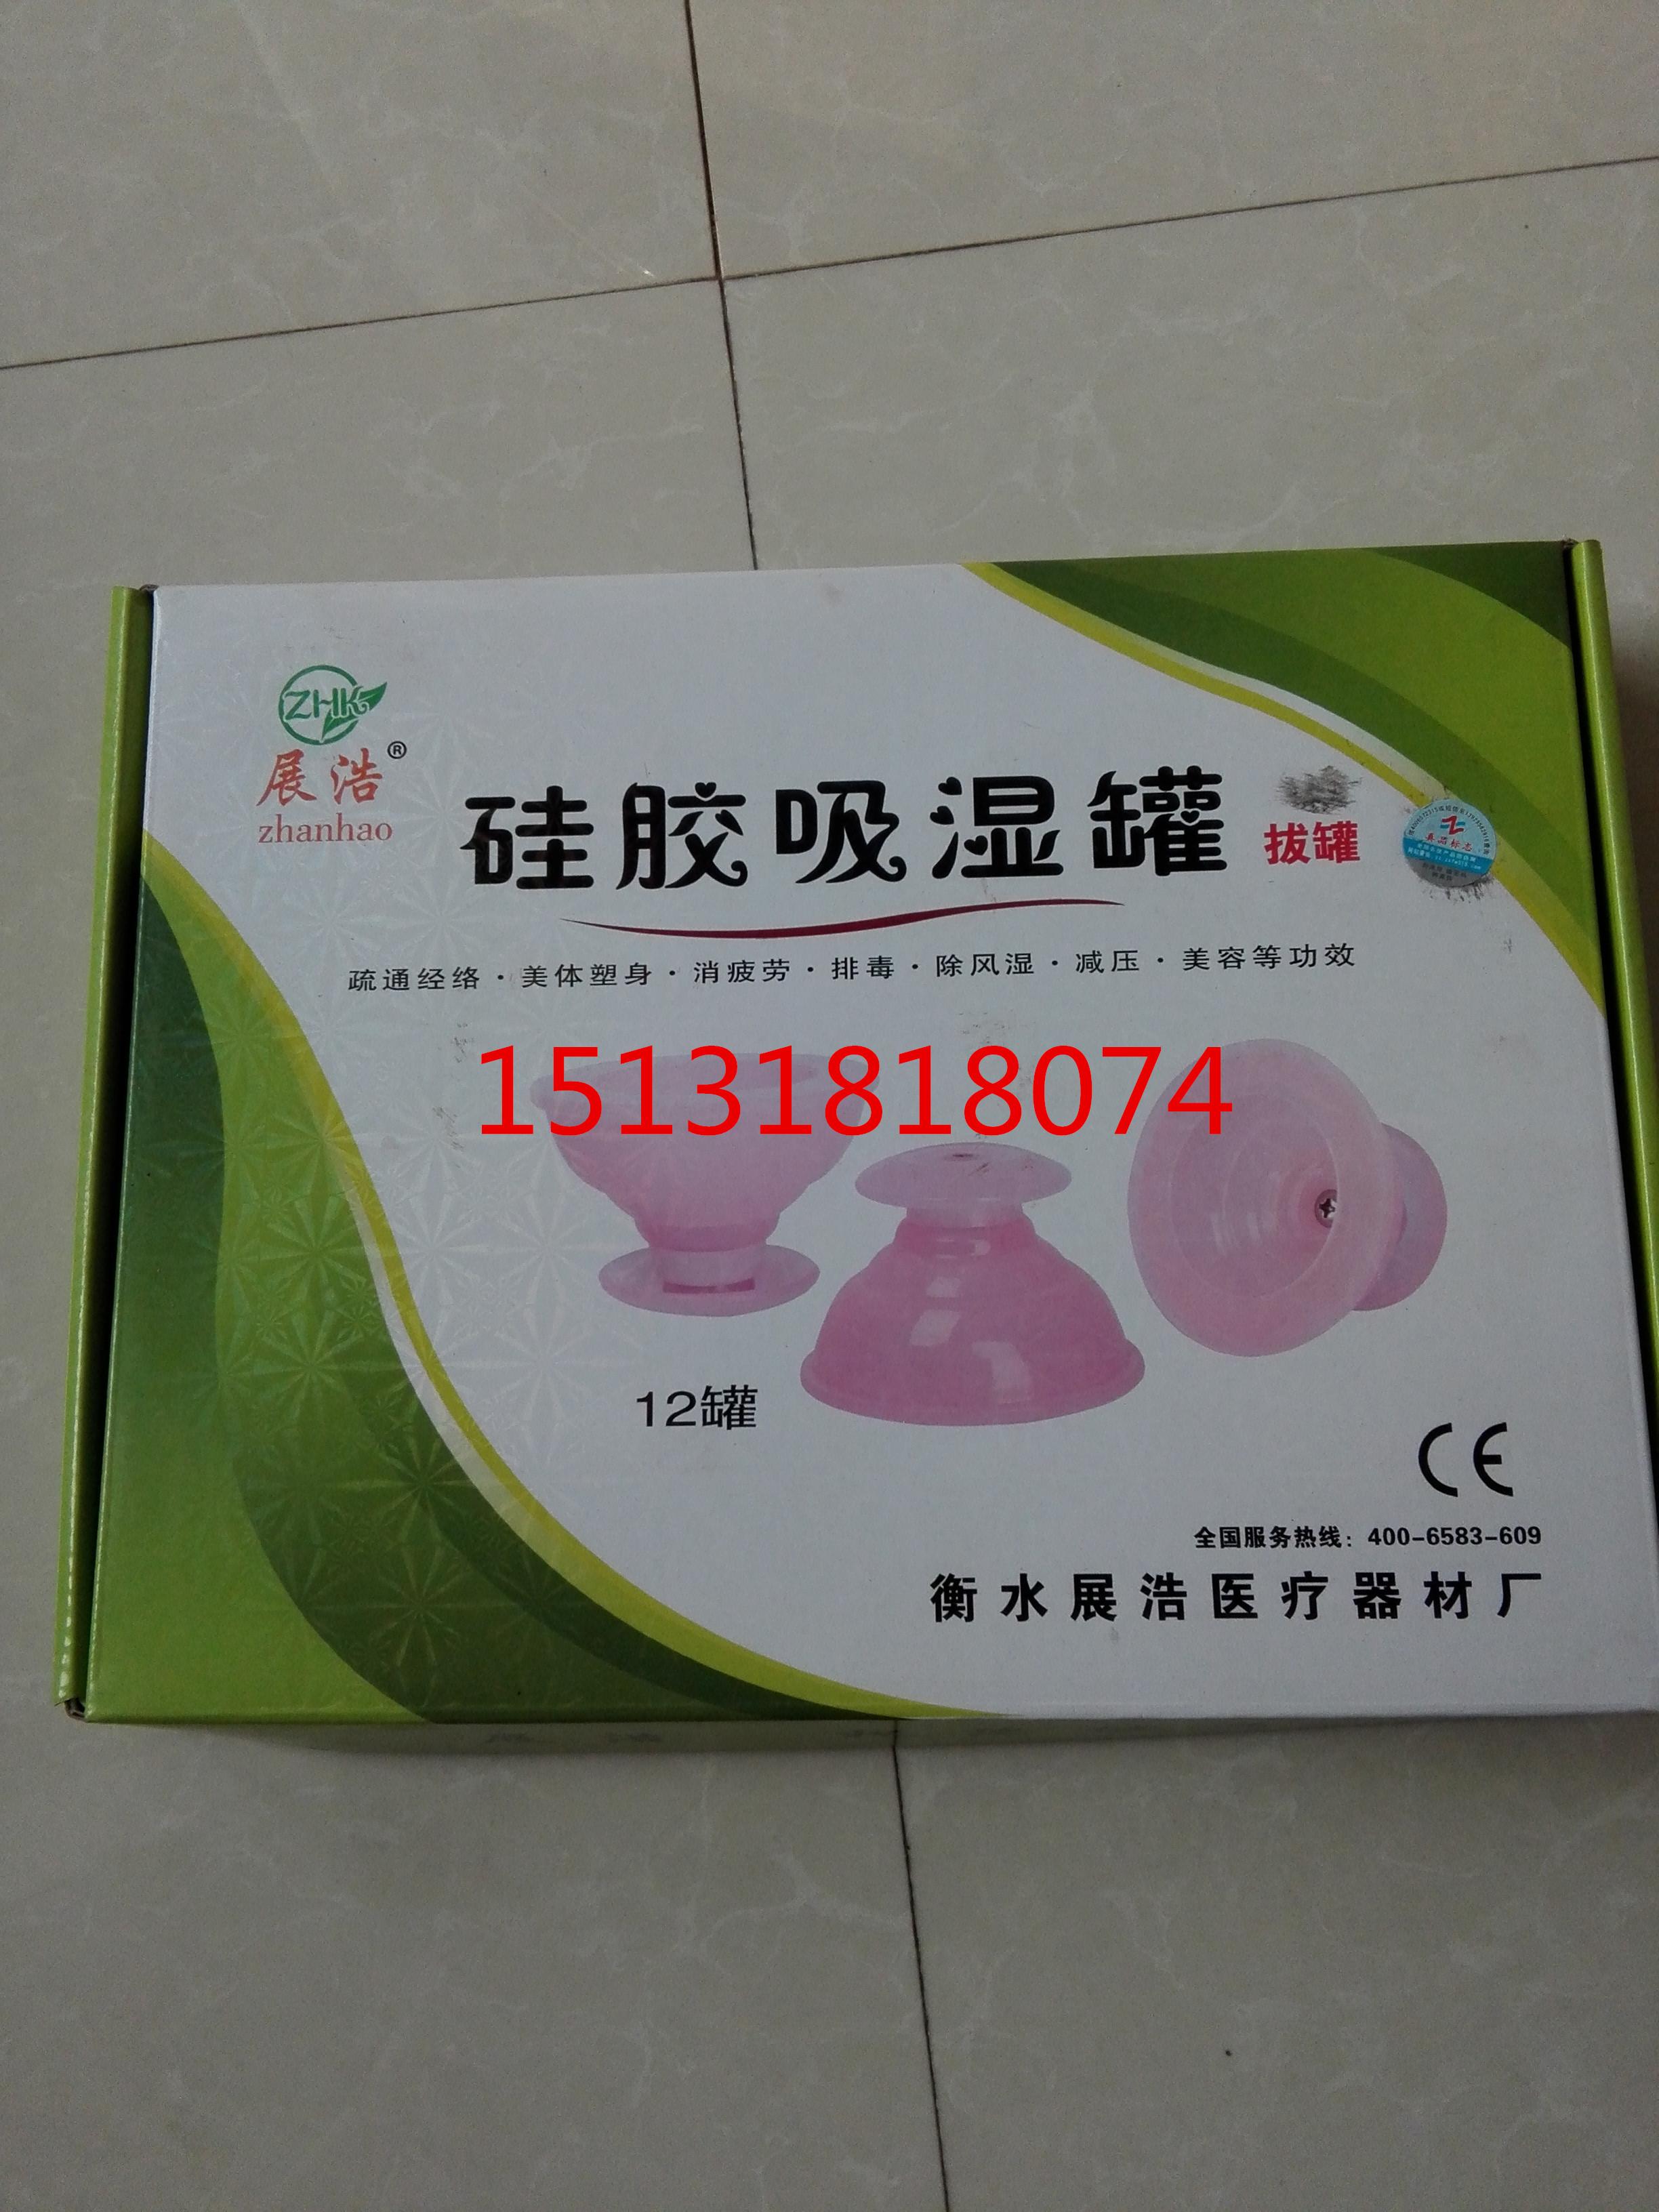 El gel de sílice es tocada de 12 latas de uso doméstico de pérdida de peso fácil absorción negativa tocada de lata lata el reumatismo